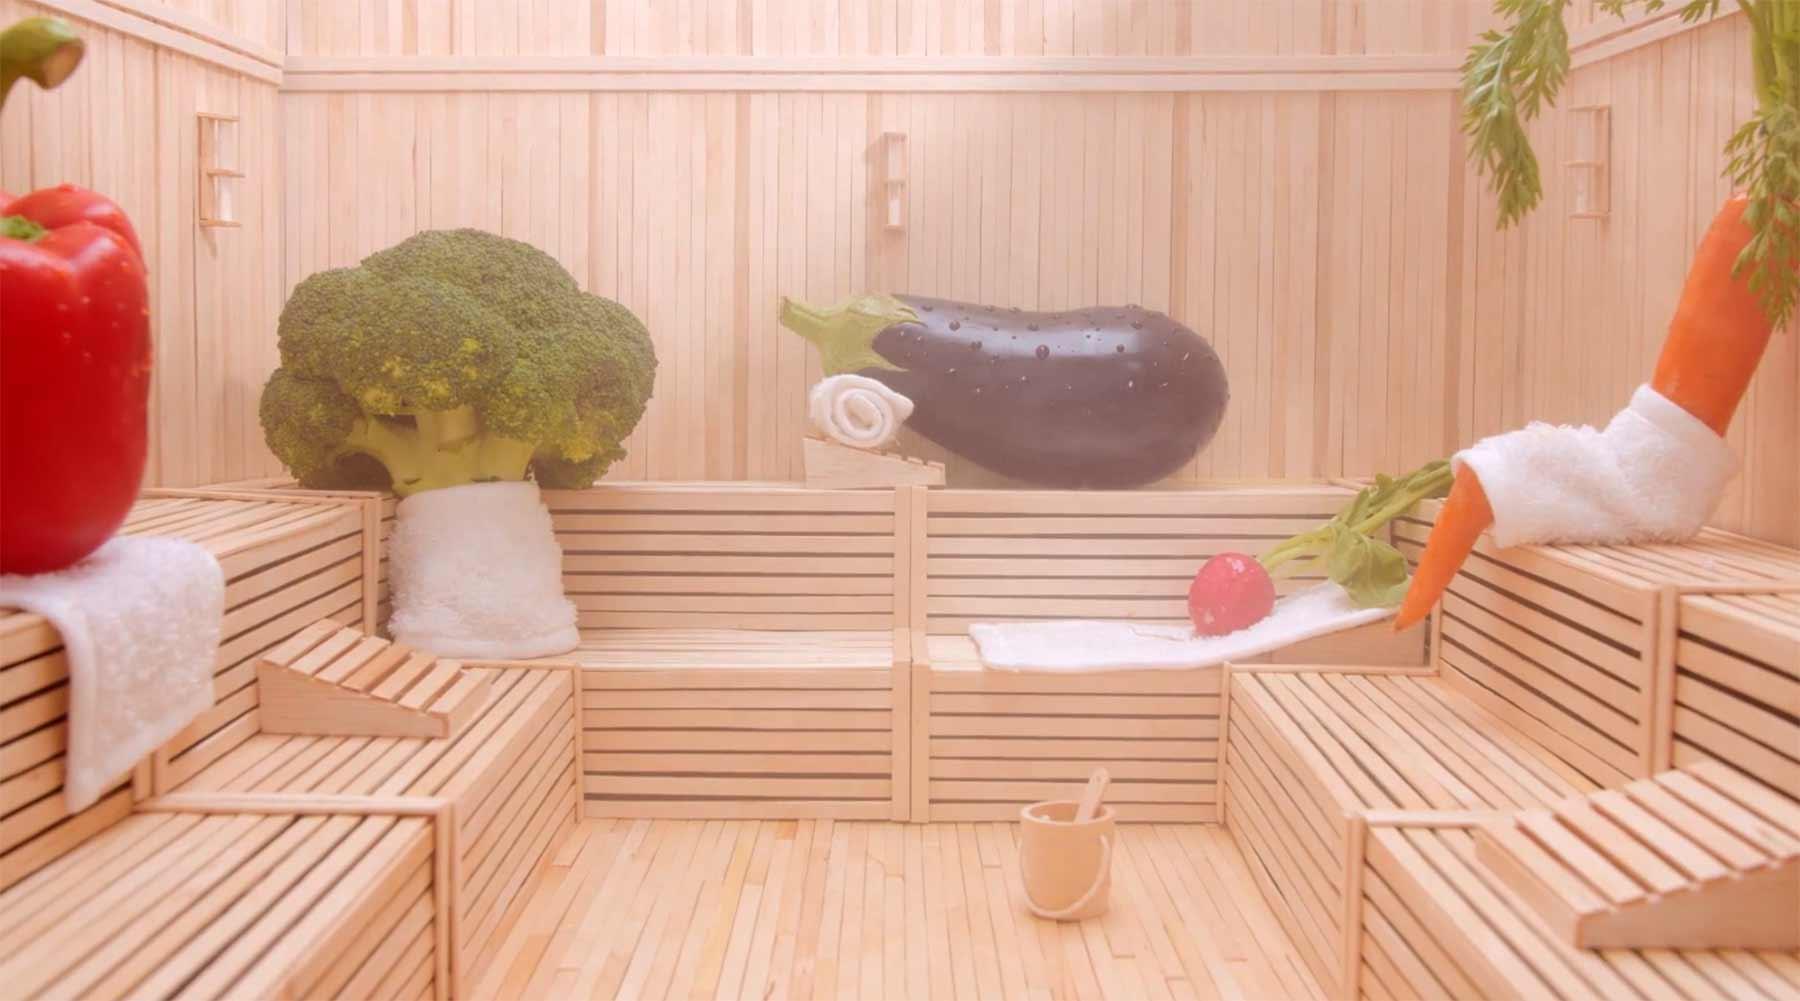 Gemüse-Sauna und Orangenlimo-Achterbahn